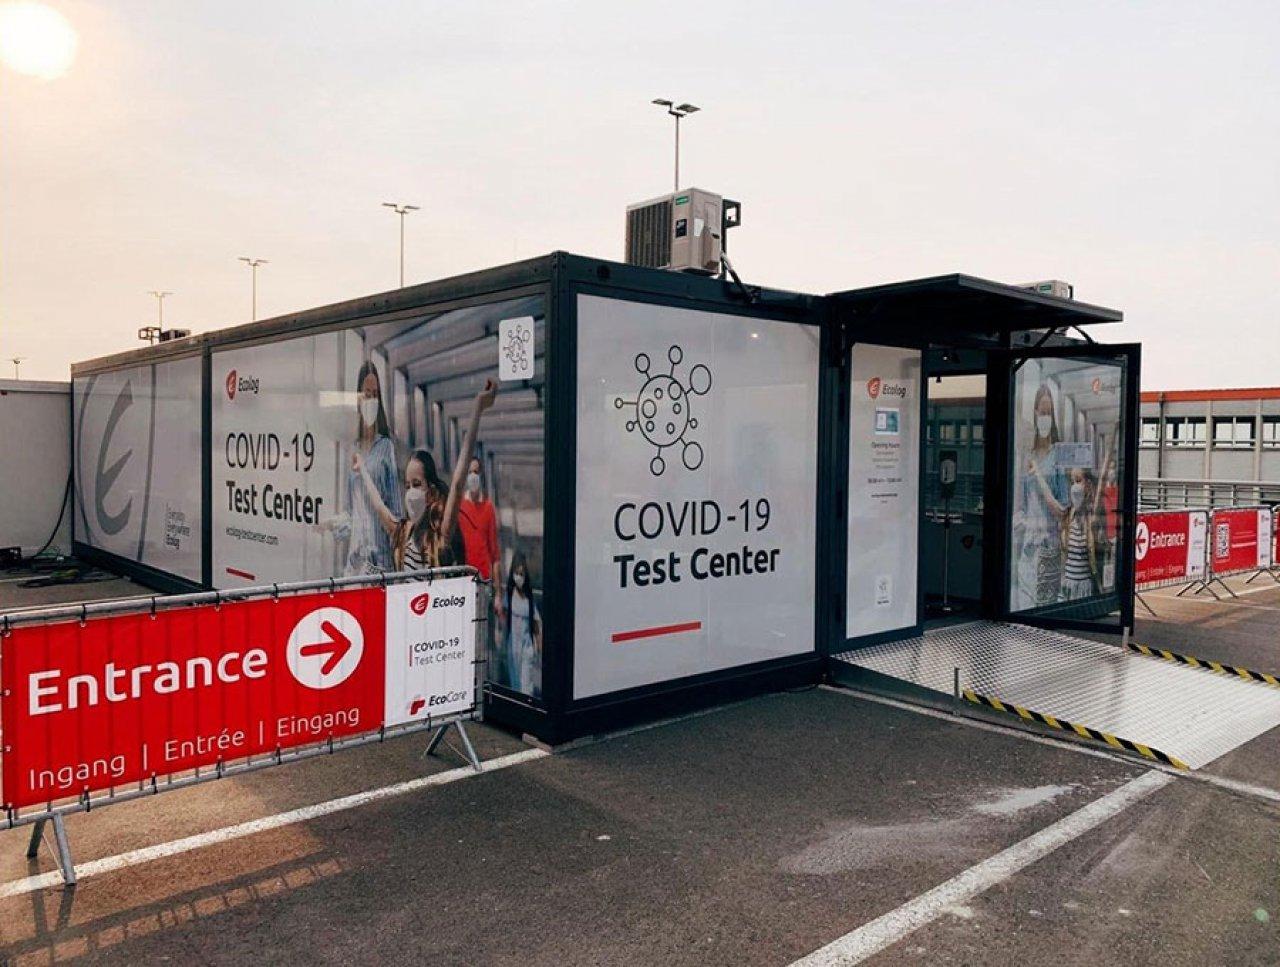 Brüksel Havalimanı'nda COVID-19 test merkezi açıldı